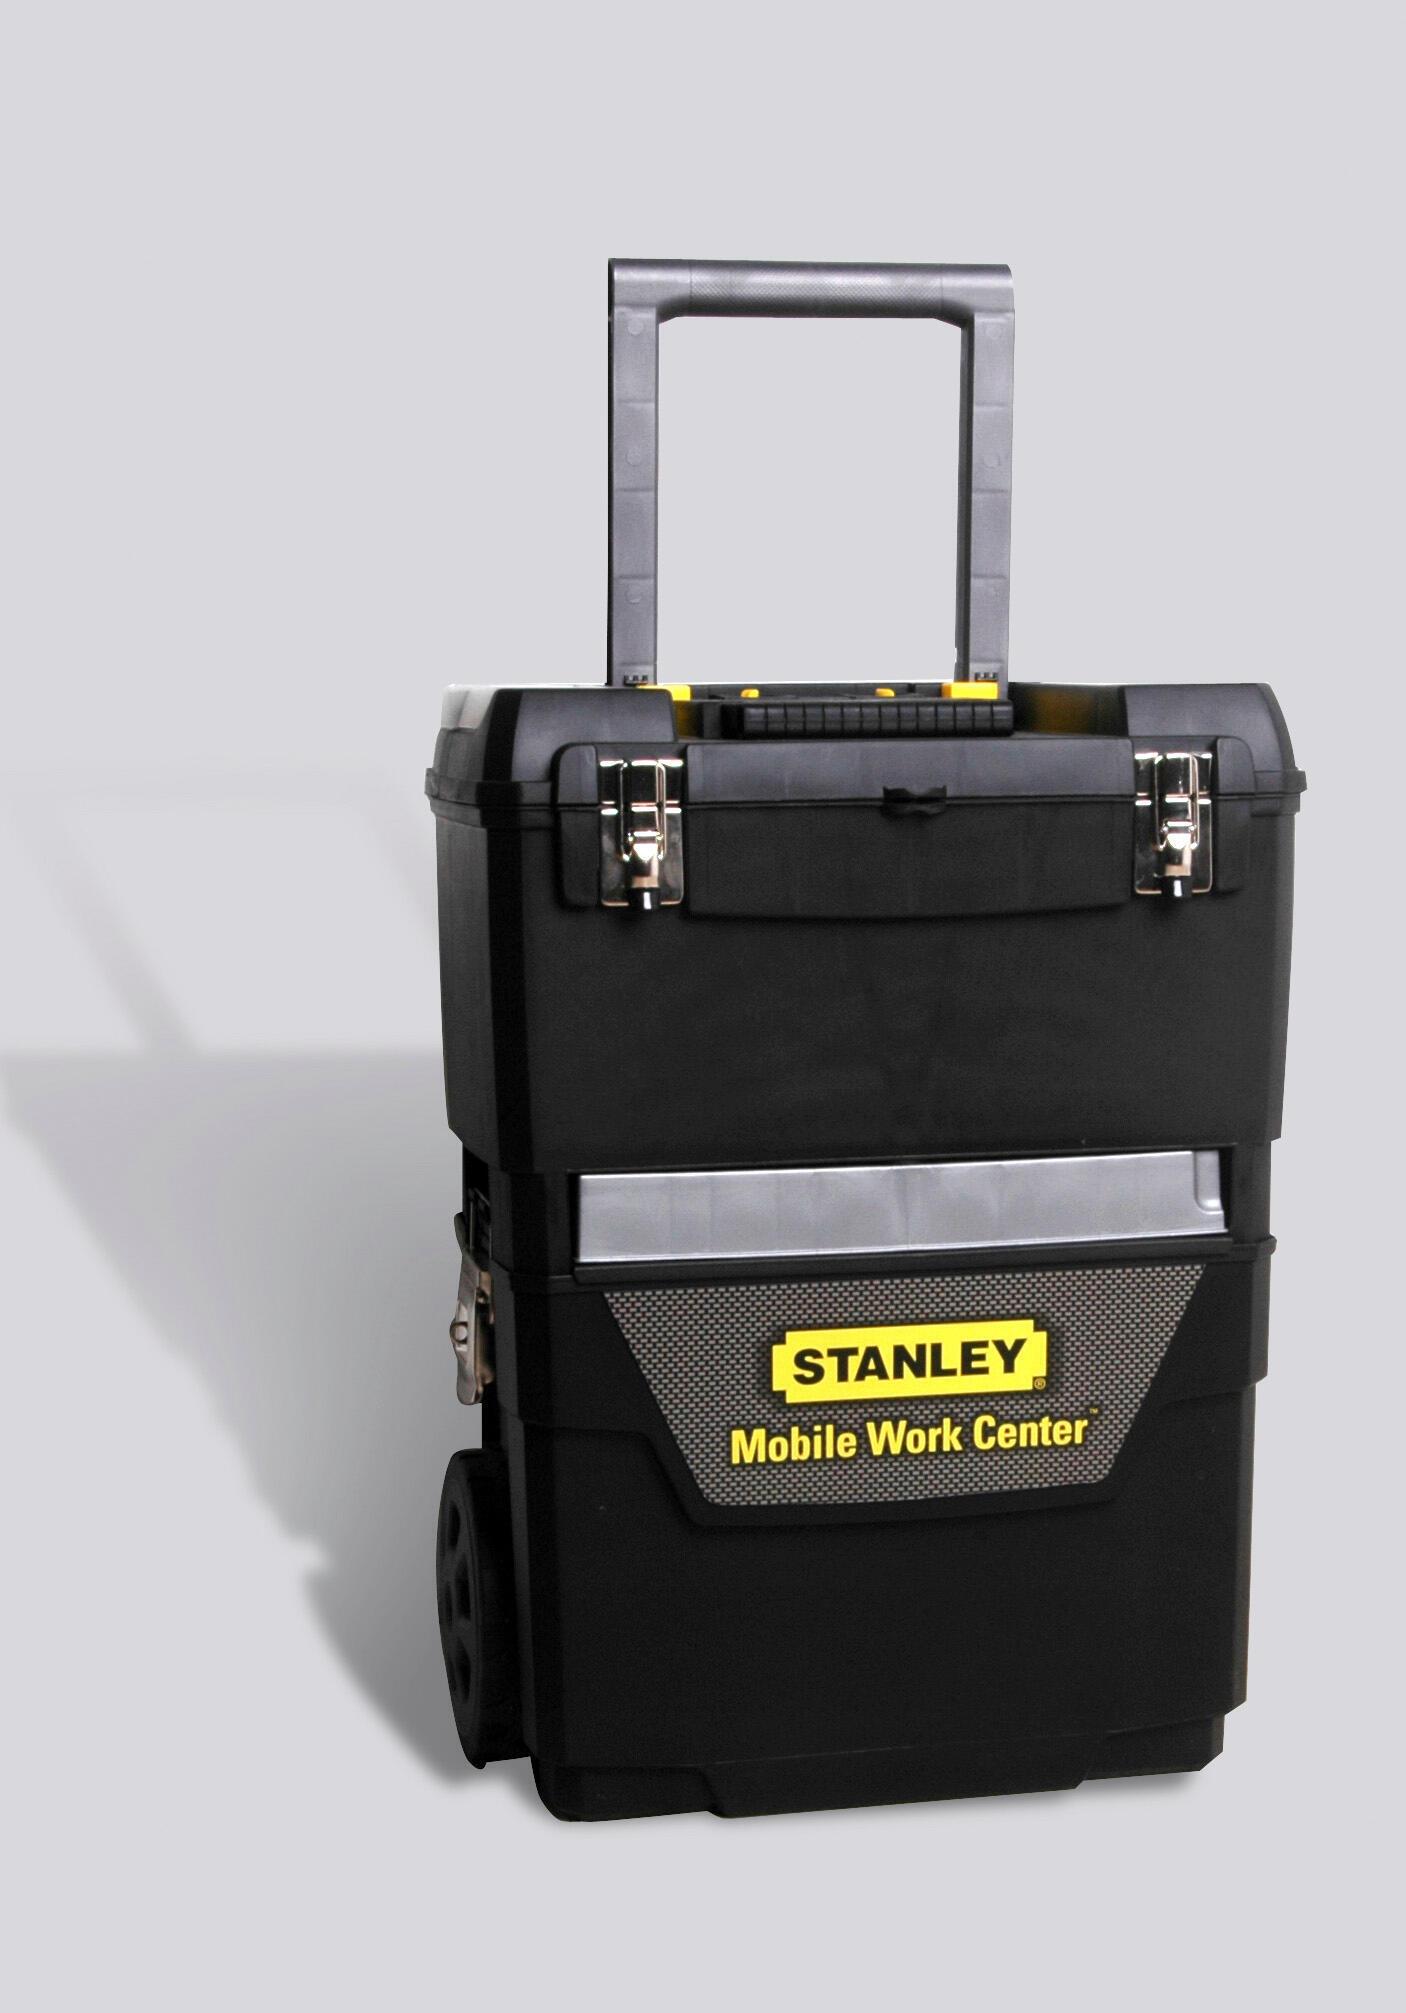 Baule porta utensili STANLEY in polipropilene - 2